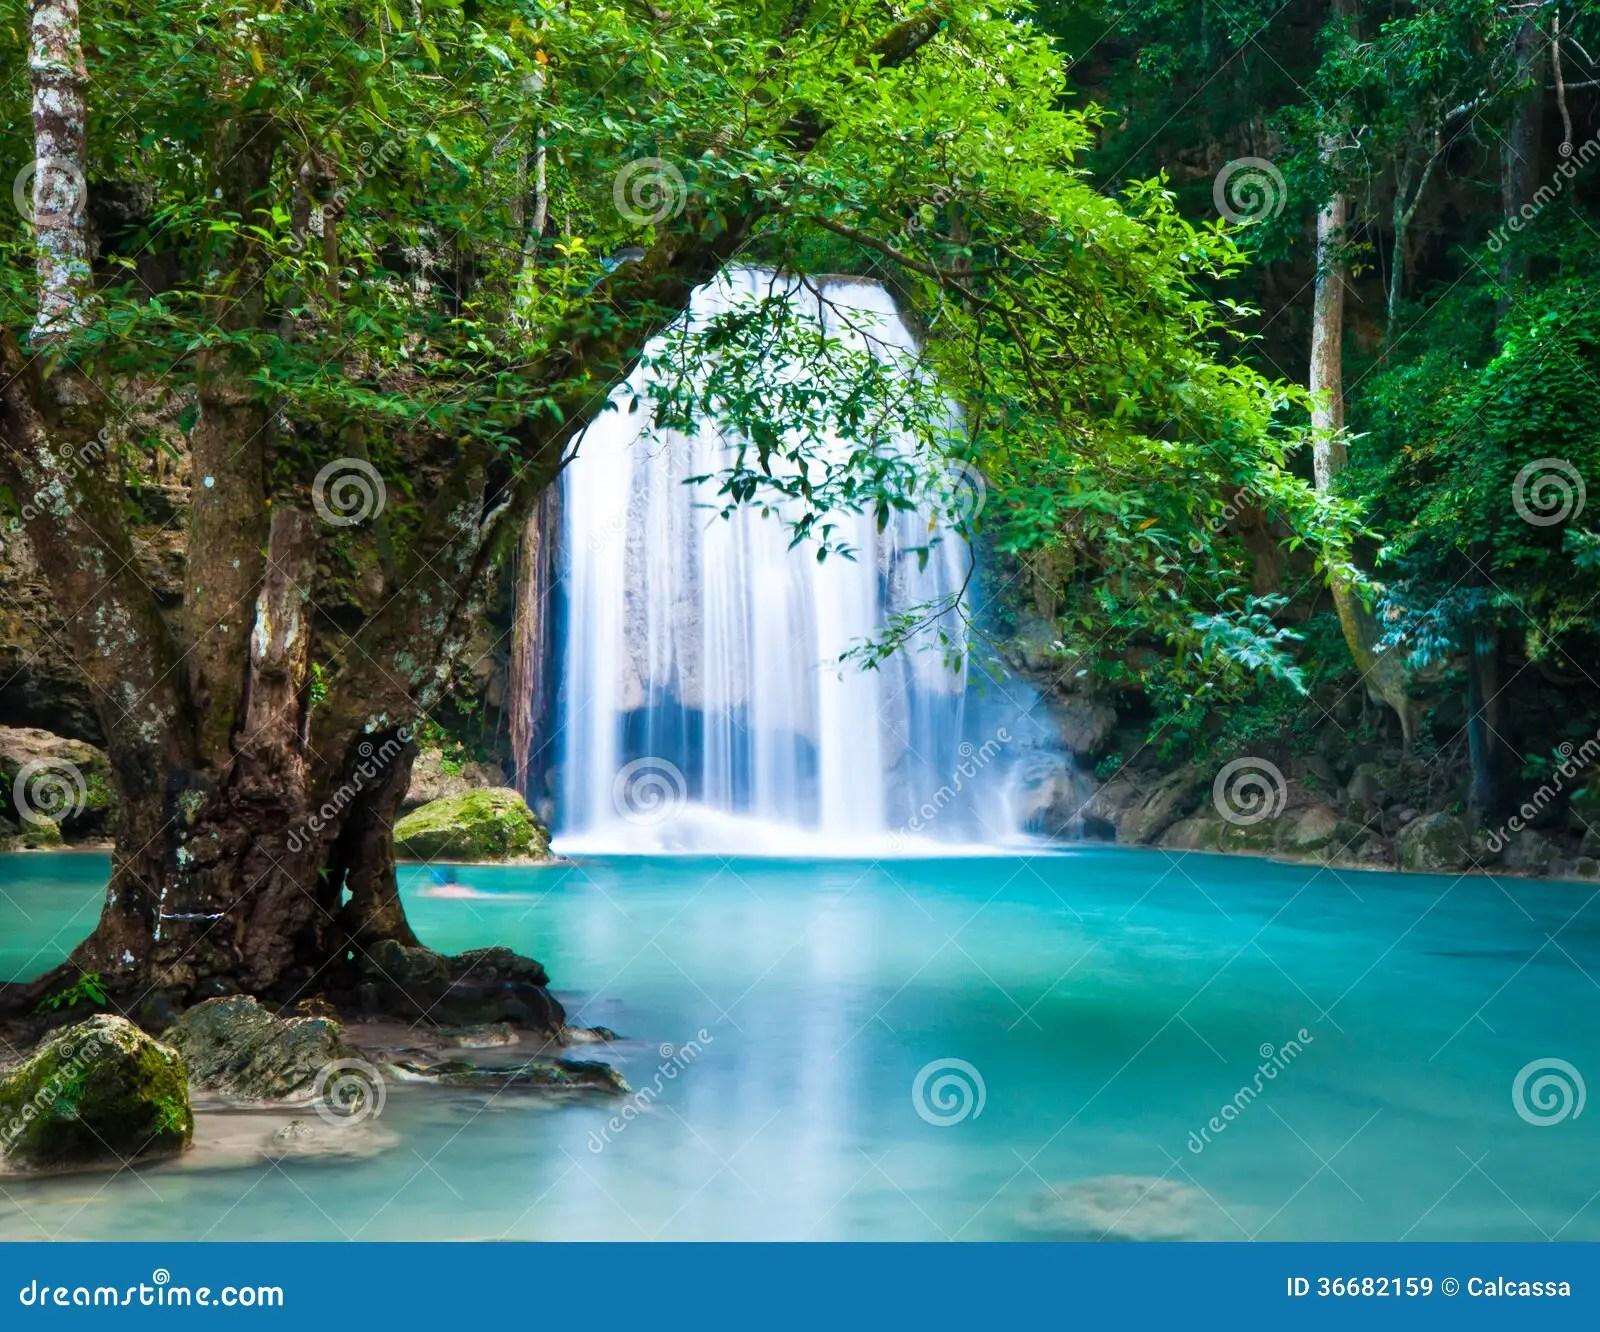 Kuang Si Falls Hd Wallpaper Acantilado De La Cascada En Bosque Profundo Imagen De